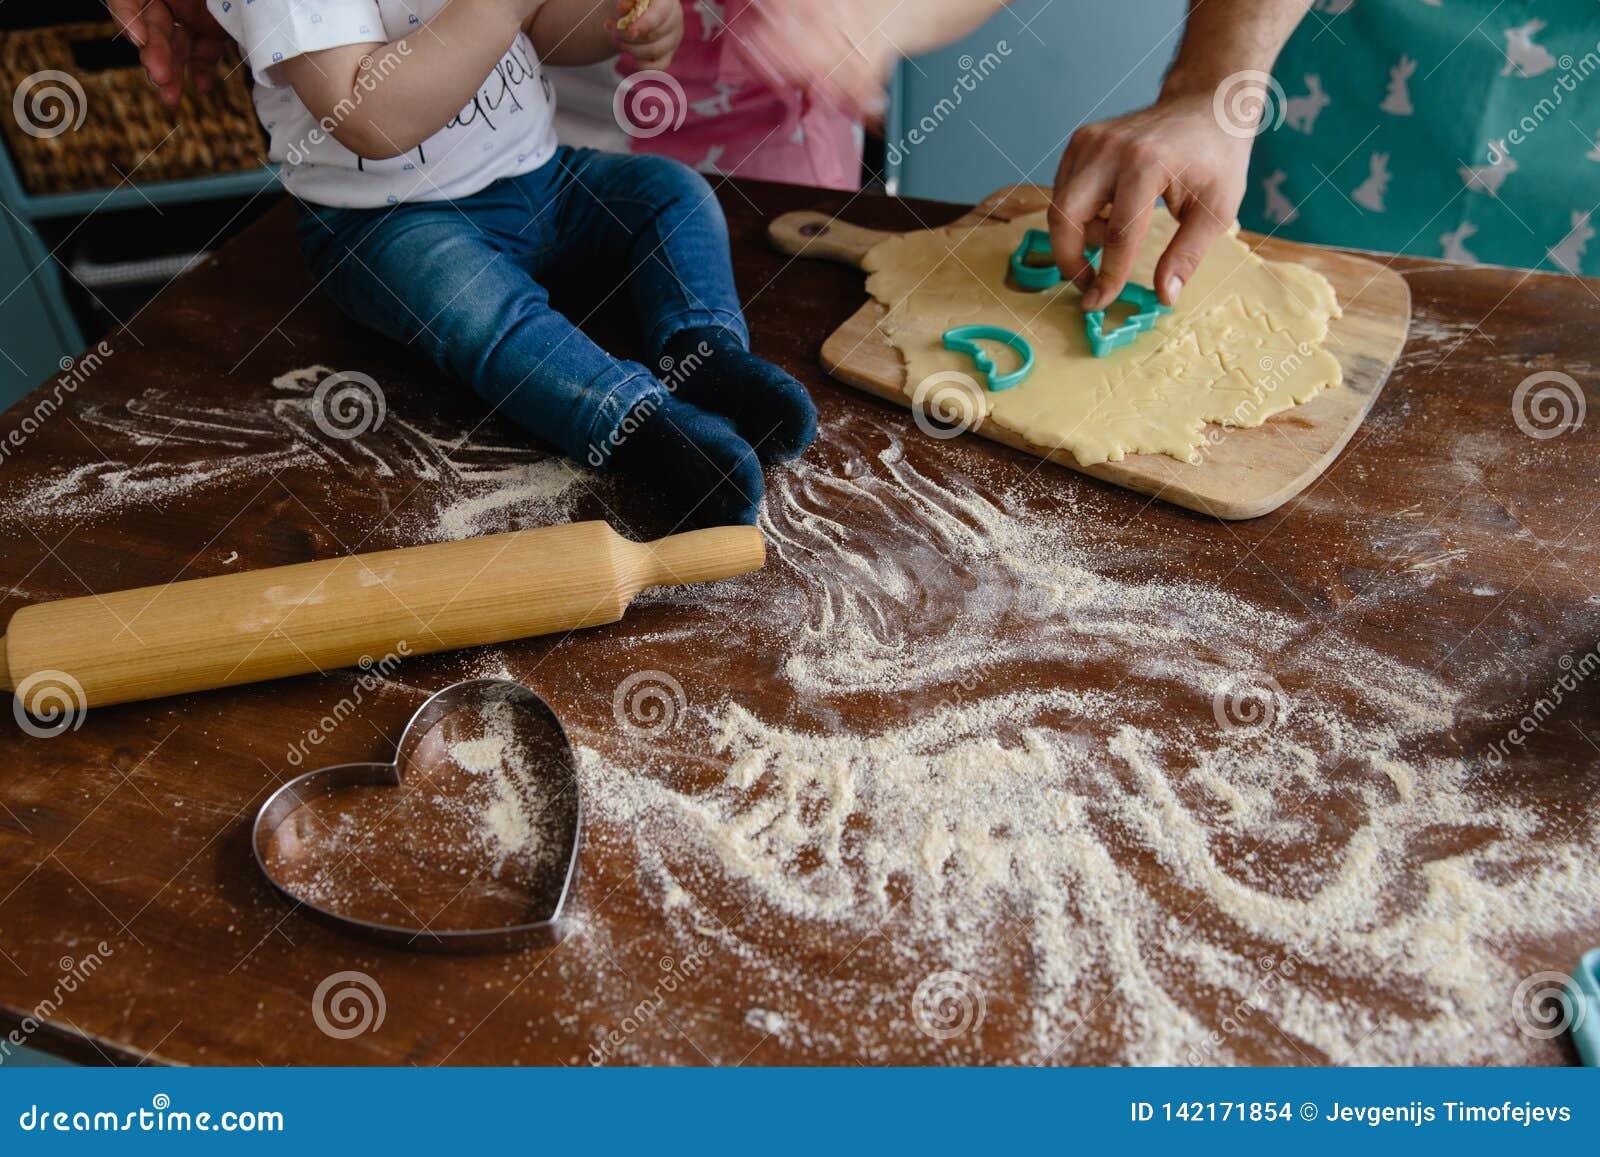 Chłopiec miesza mąkę w kuchni na stole robi niektóre bałaganić w cajgach